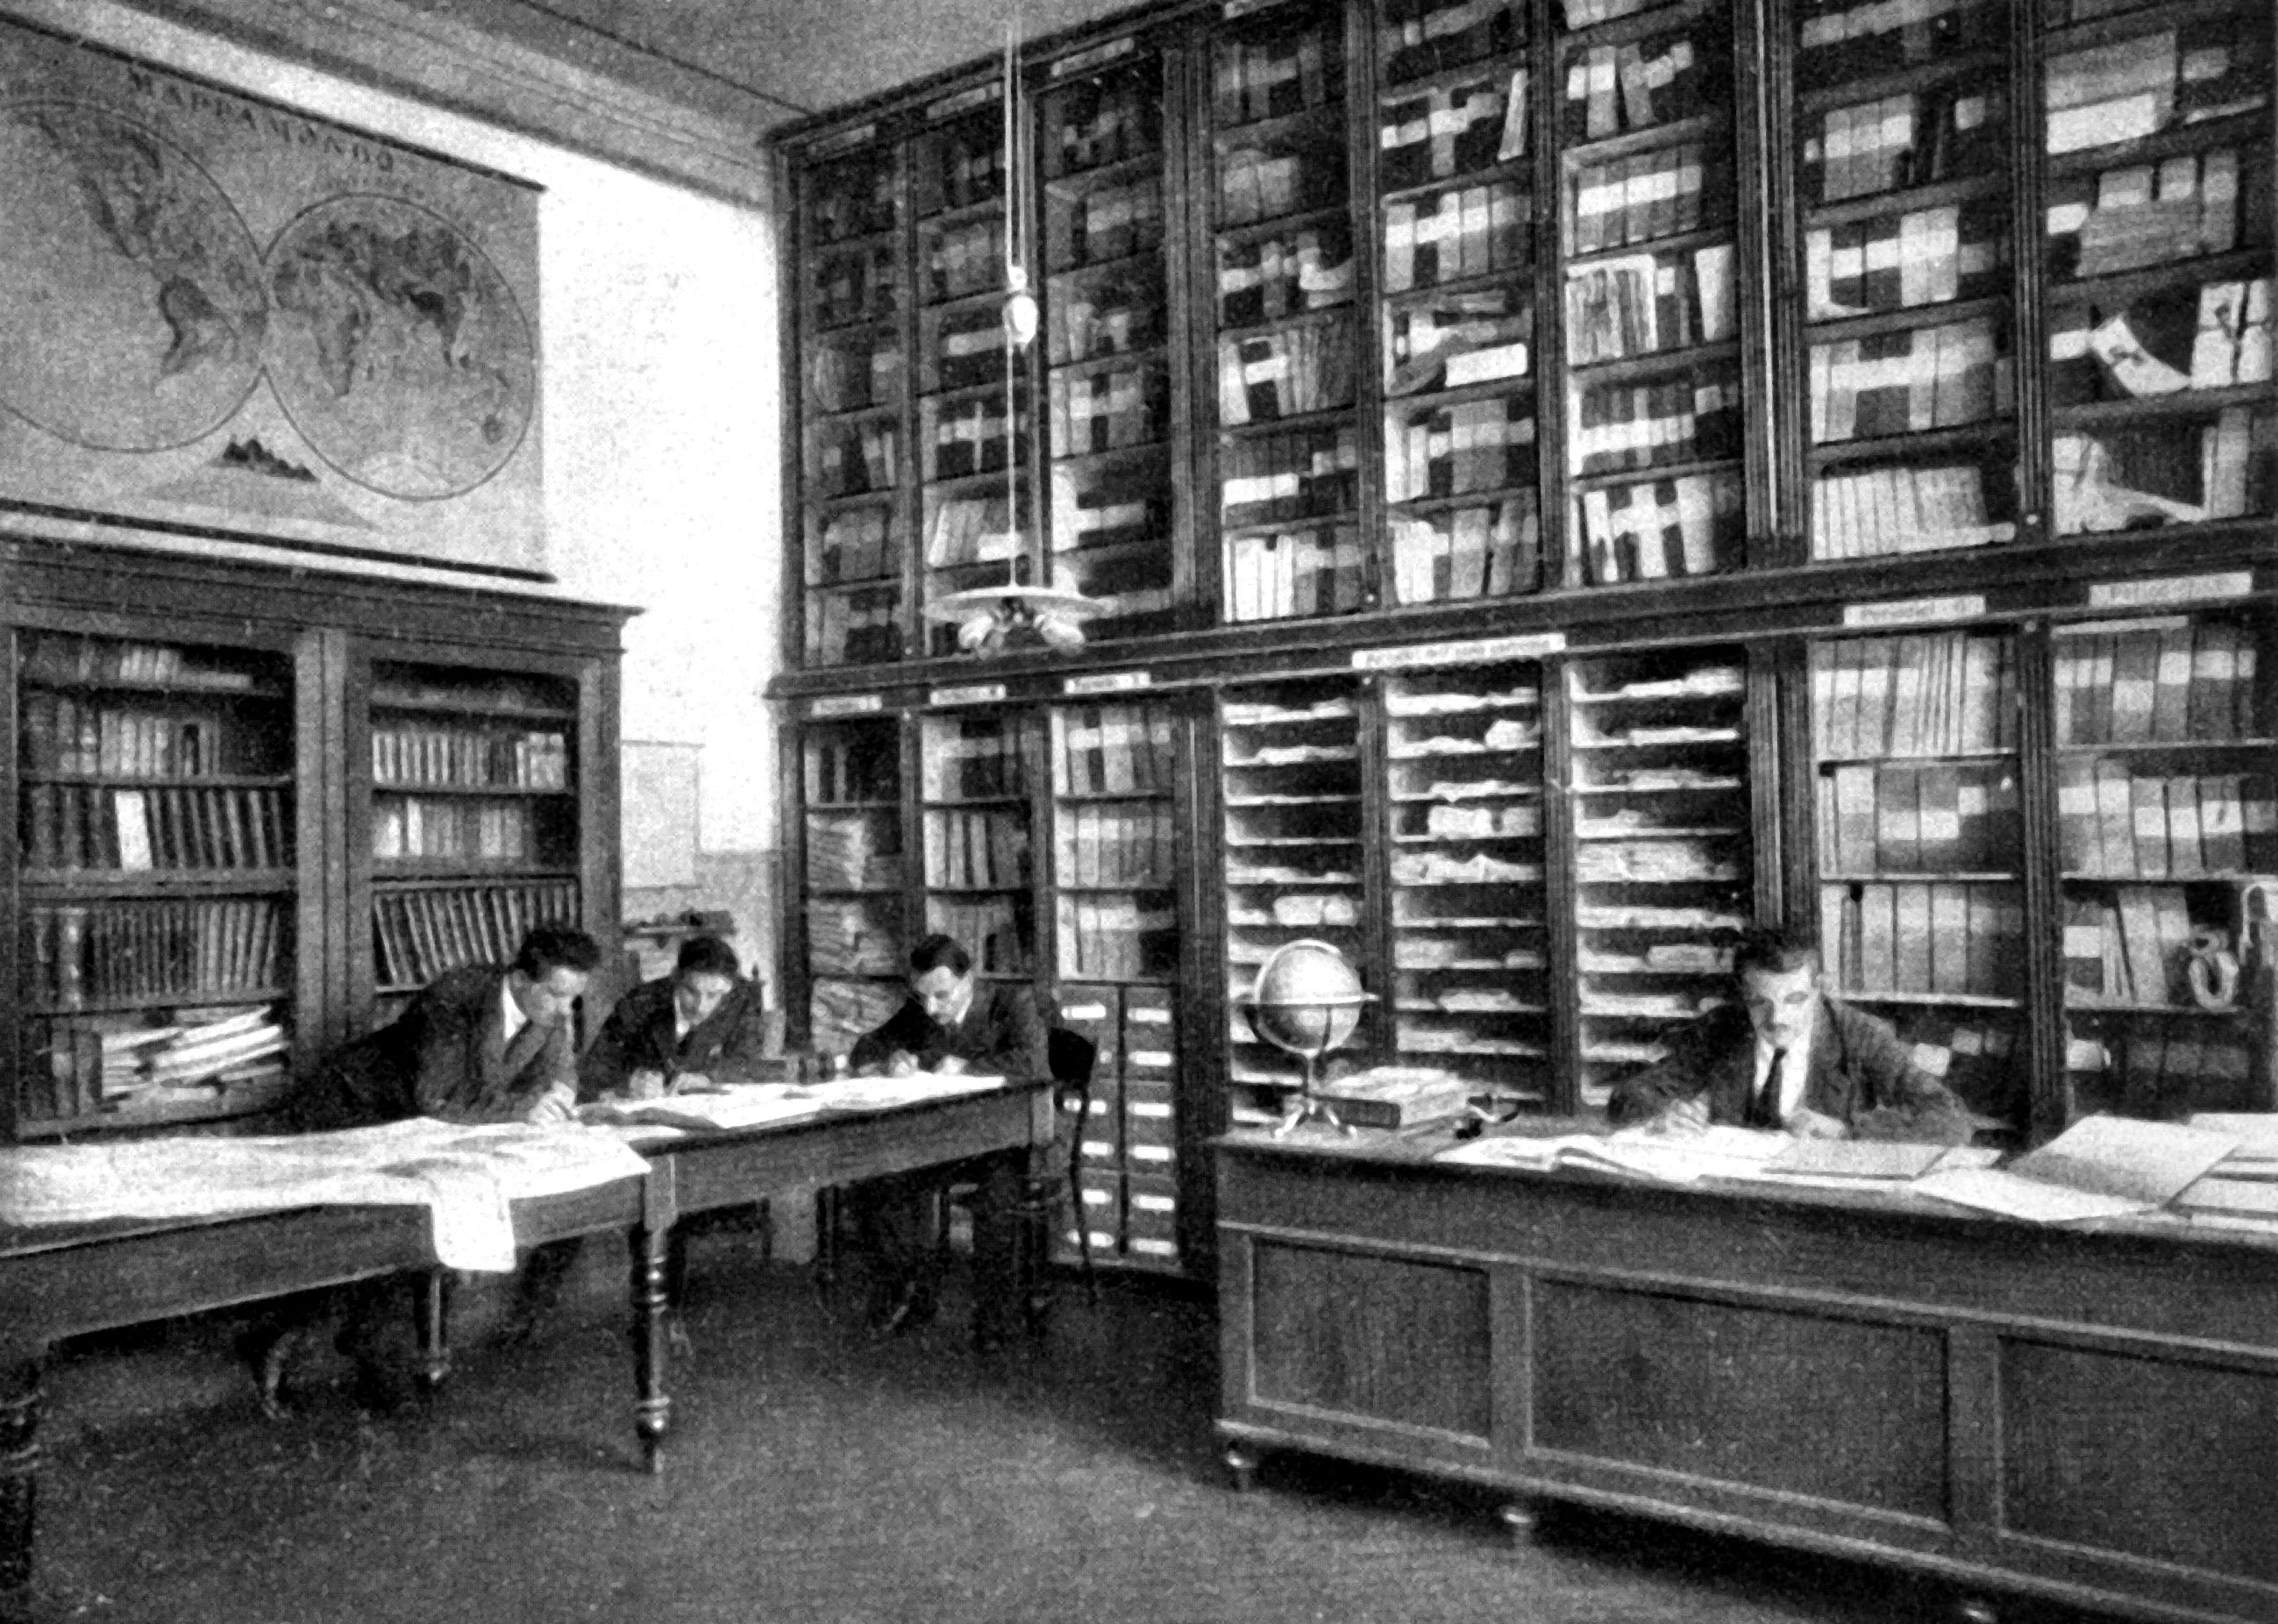 Ufficio Wikipedia : File:alla scrivania dellufficio scientifico nel 1920.jpg wikipedia